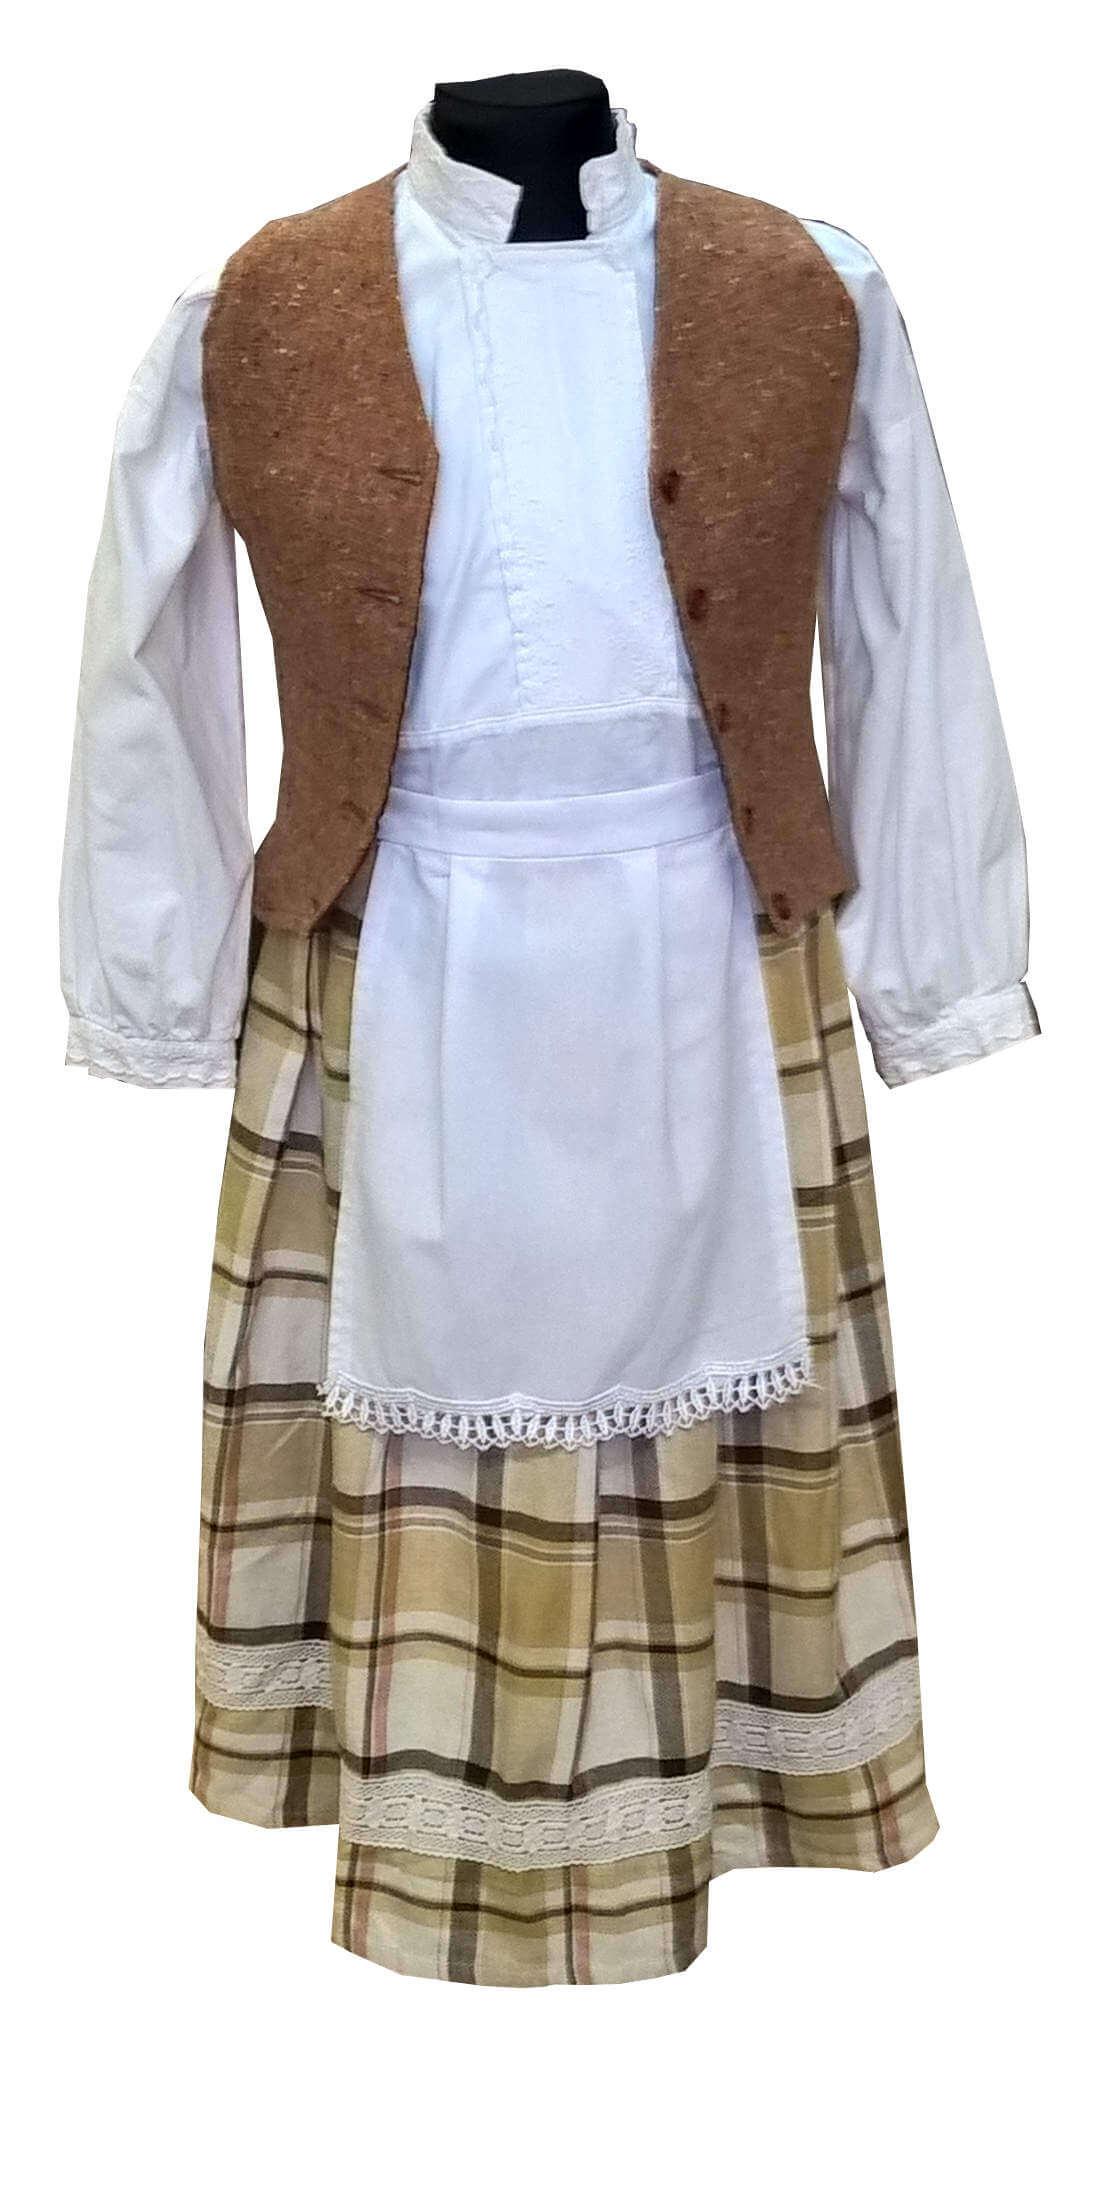 Lietuvaitės kostiumas. Tautų karnavaliniai kostiumai. Karnavaliniu kostiumu nuoma vaikams Vilniuje - pasakunamai.lt